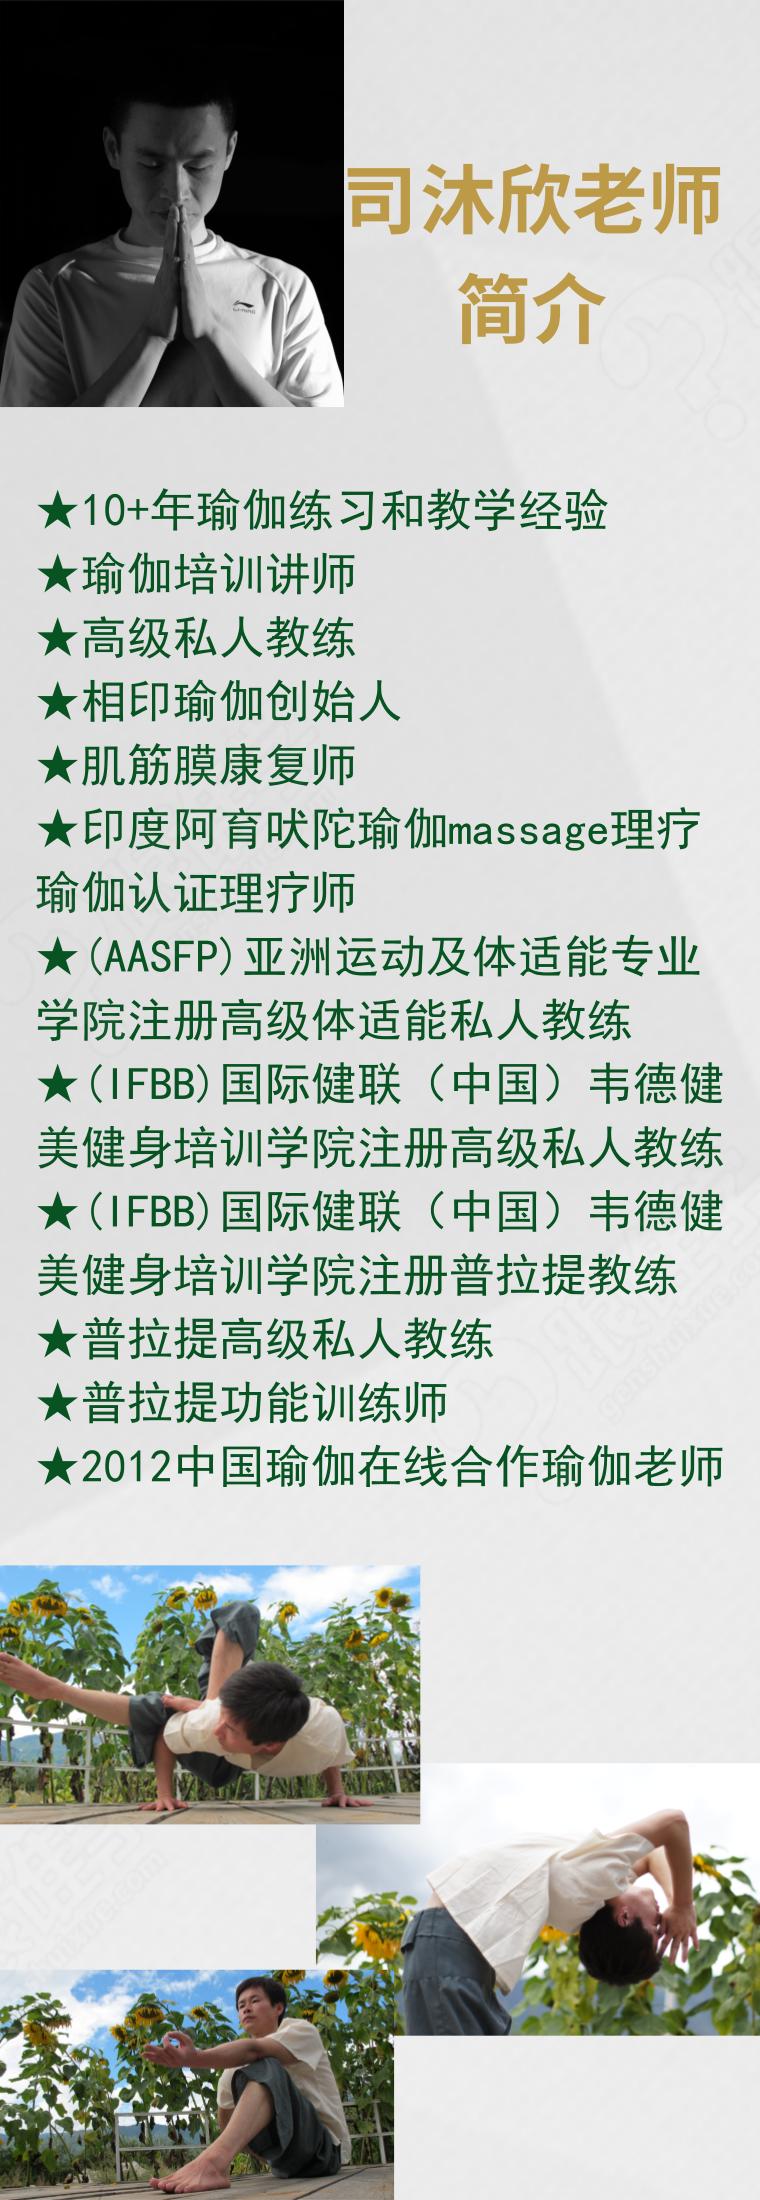 司沐欣老老师简介课程体系详情里用.png